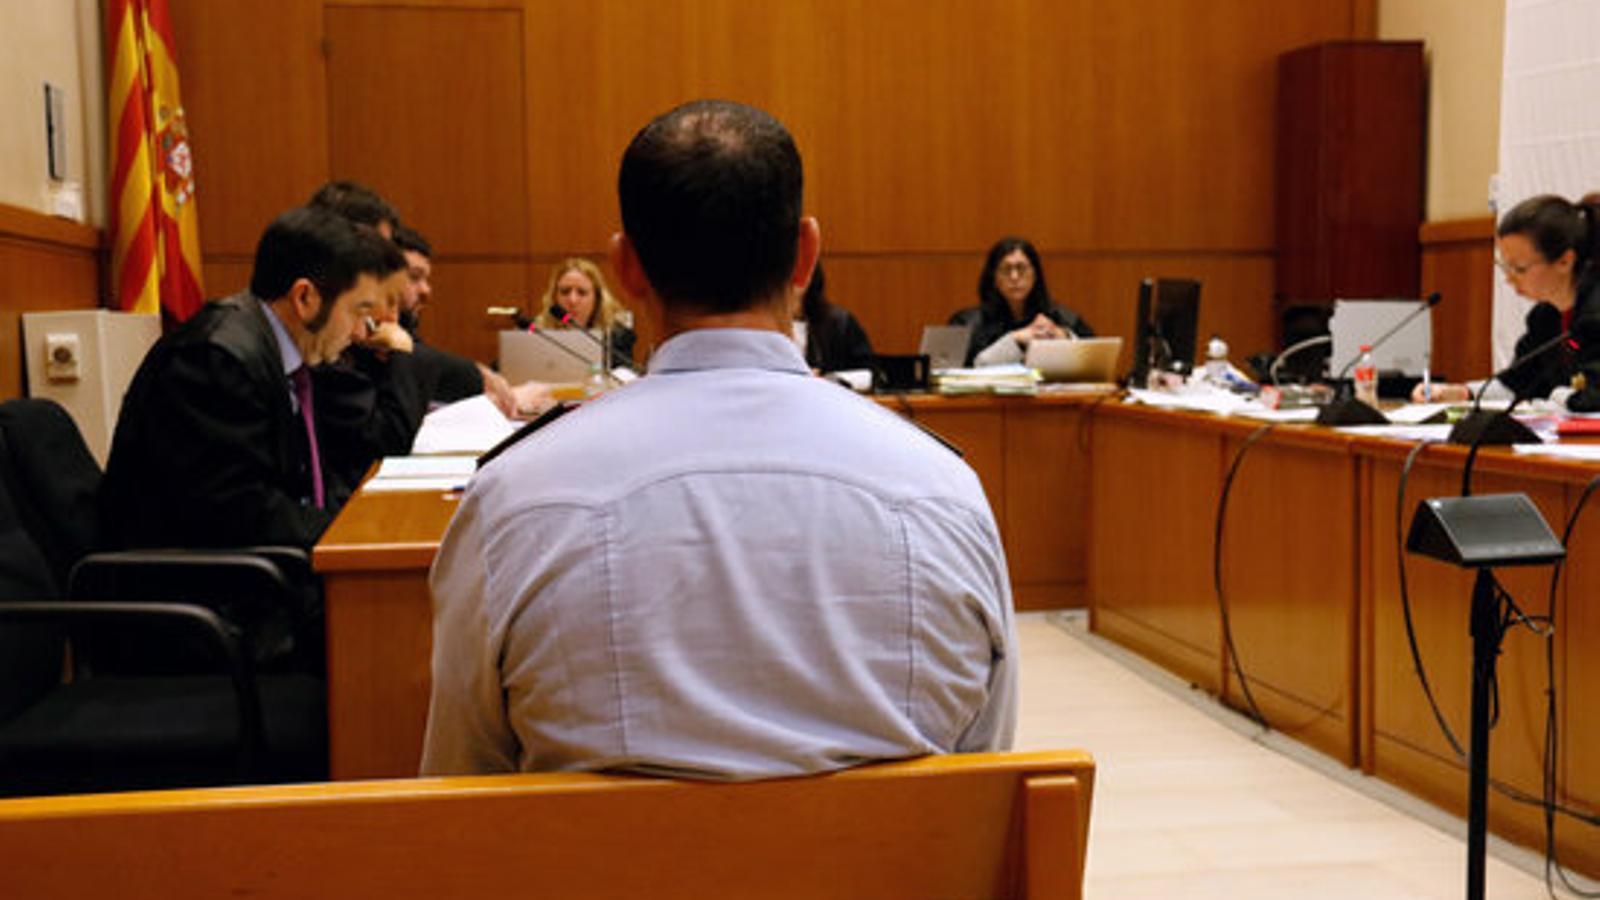 L'agent antidisturbis jutjat per unes presumptes lesions durant el desallotjament dels indignats de Plaça de Catalunya, abans de començar el judici a l'Audiència de Barcelona